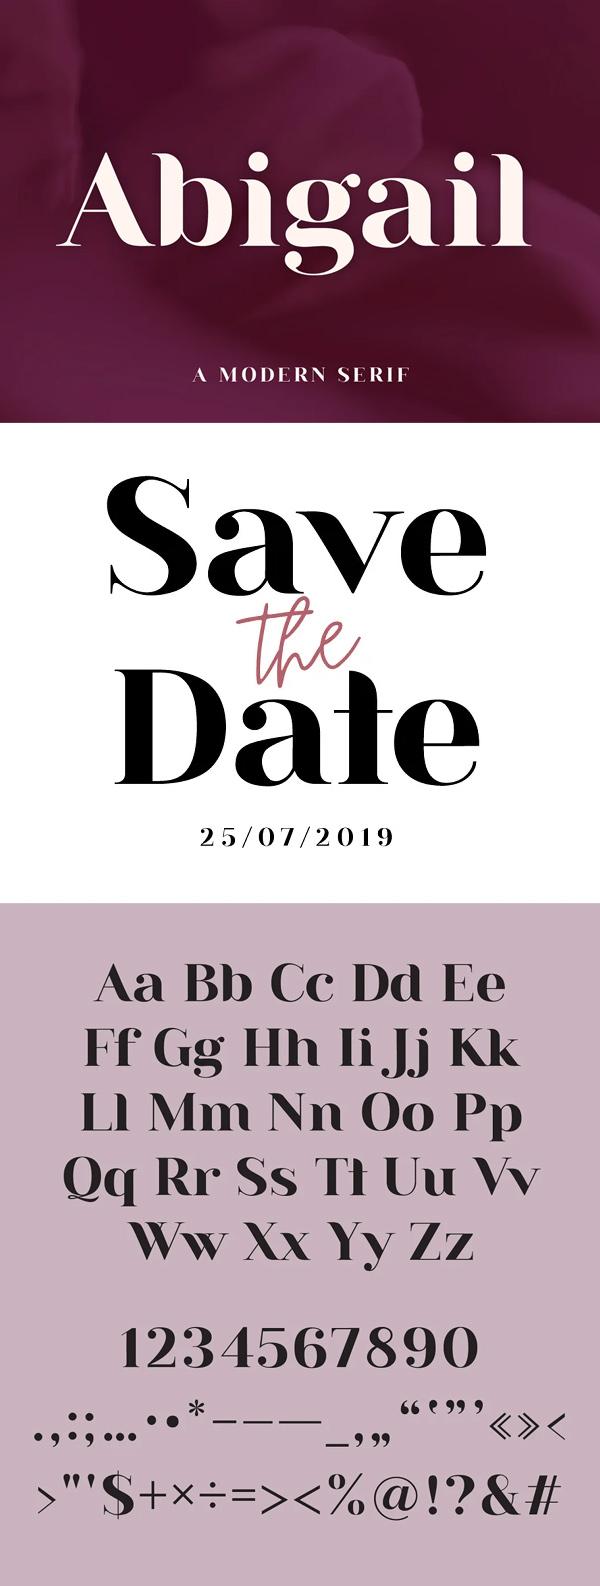 Abigail - A Modern Serif Free Font